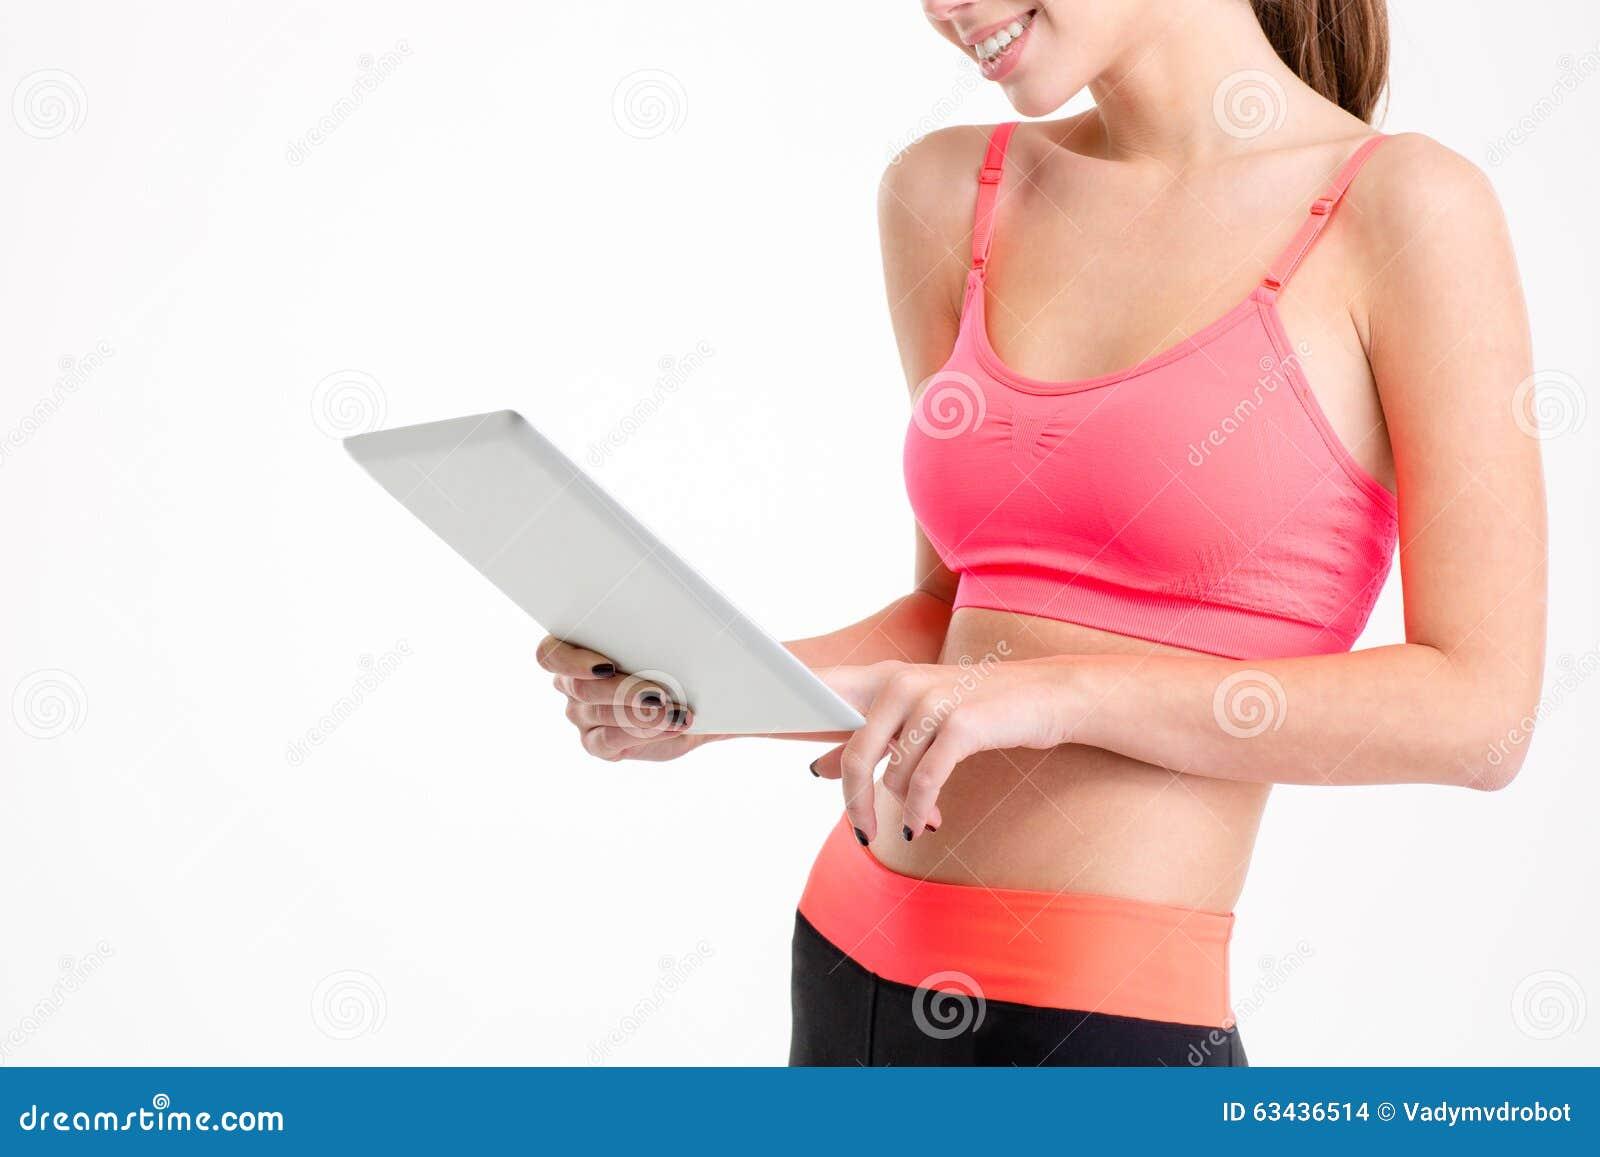 Tablet door slanke mooie jonge sportvrouw wordt gebruikt die